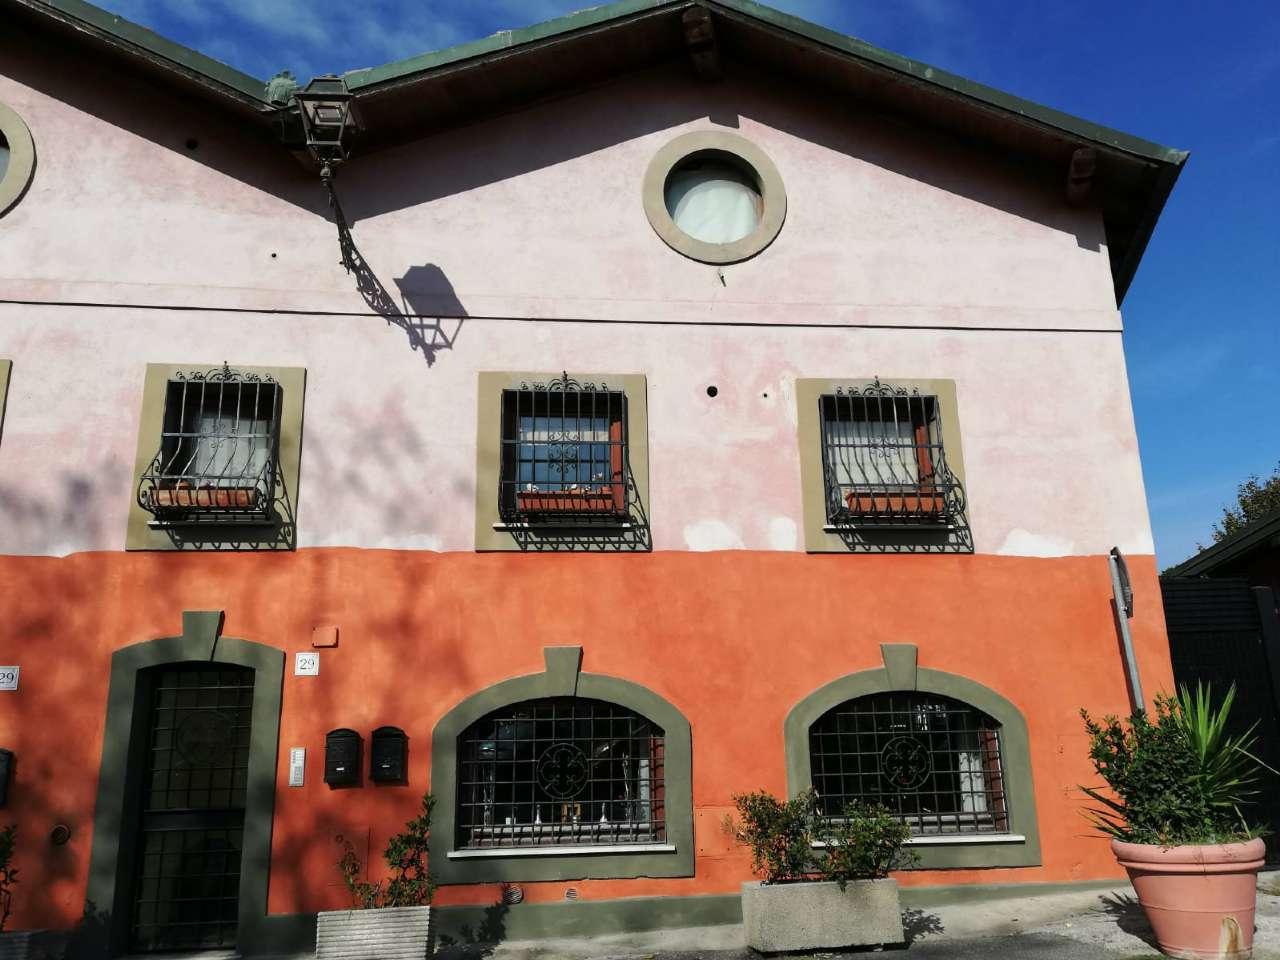 Attico / Mansarda in vendita a Roma, 2 locali, zona Zona: 7 . Esquilino, San Lorenzo, Termini, prezzo € 195.000 | CambioCasa.it